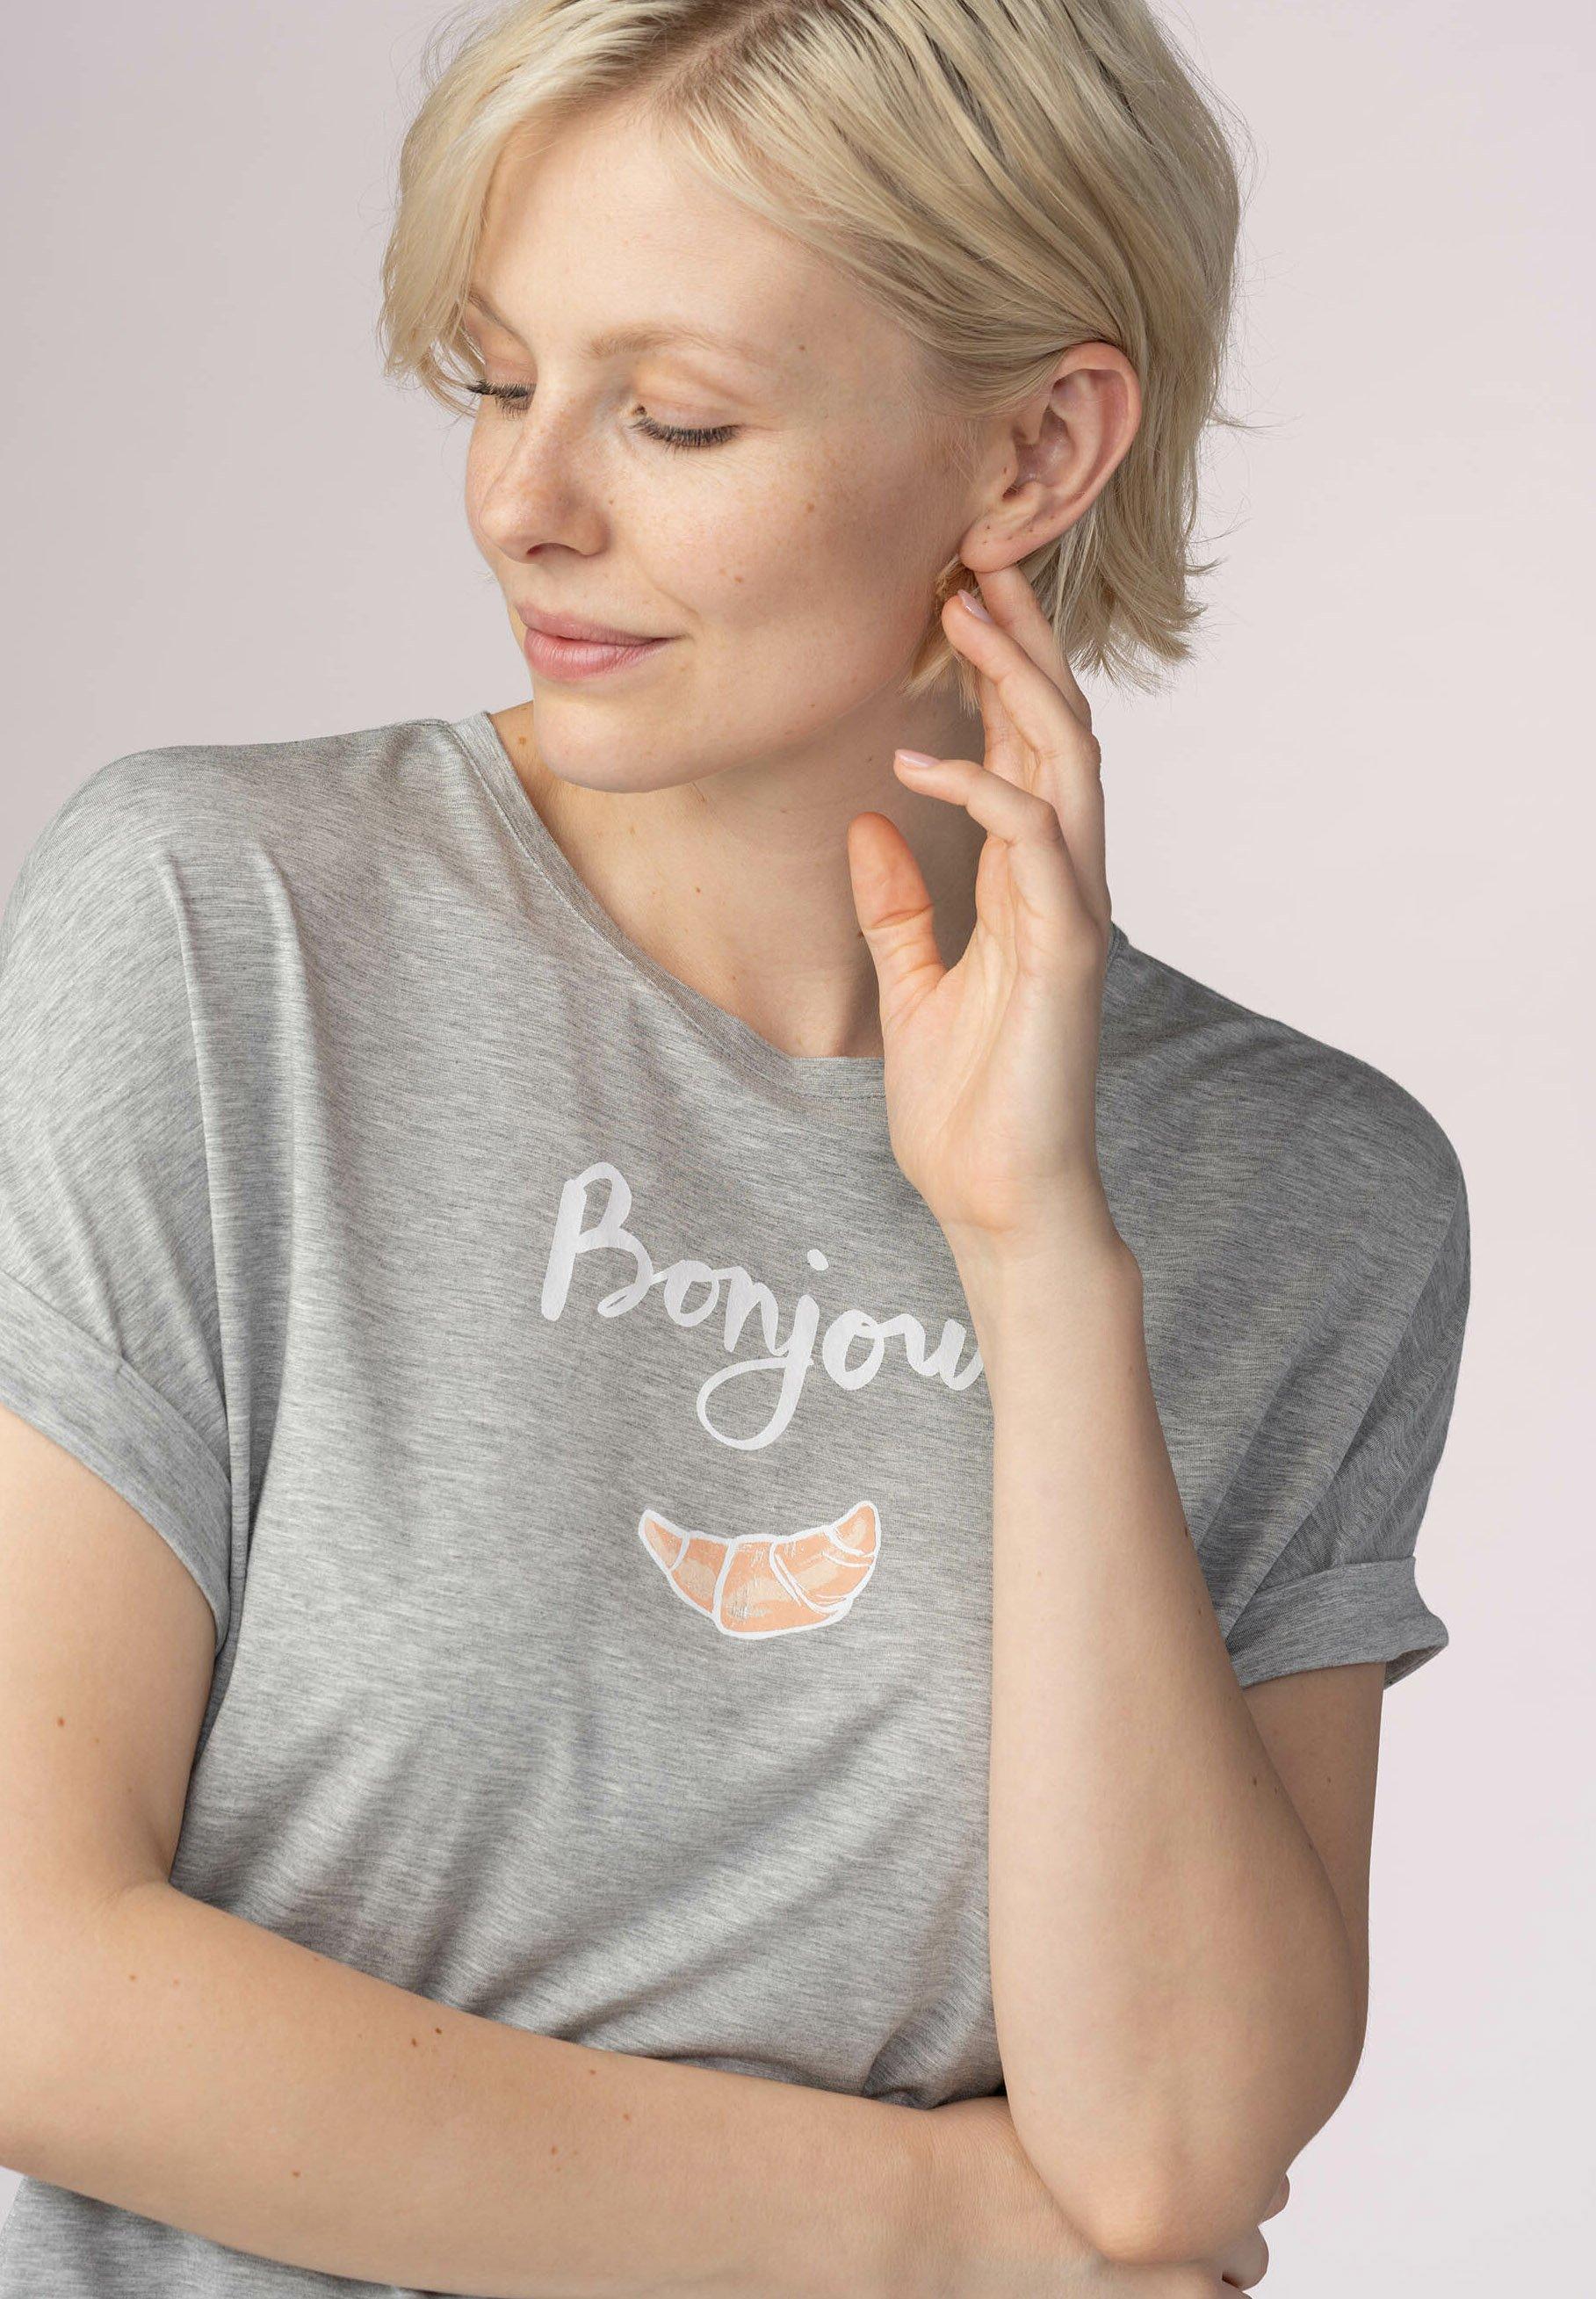 Damen T-SHIRT SERIE SLEEPY & EASY - Nachtwäsche Shirt